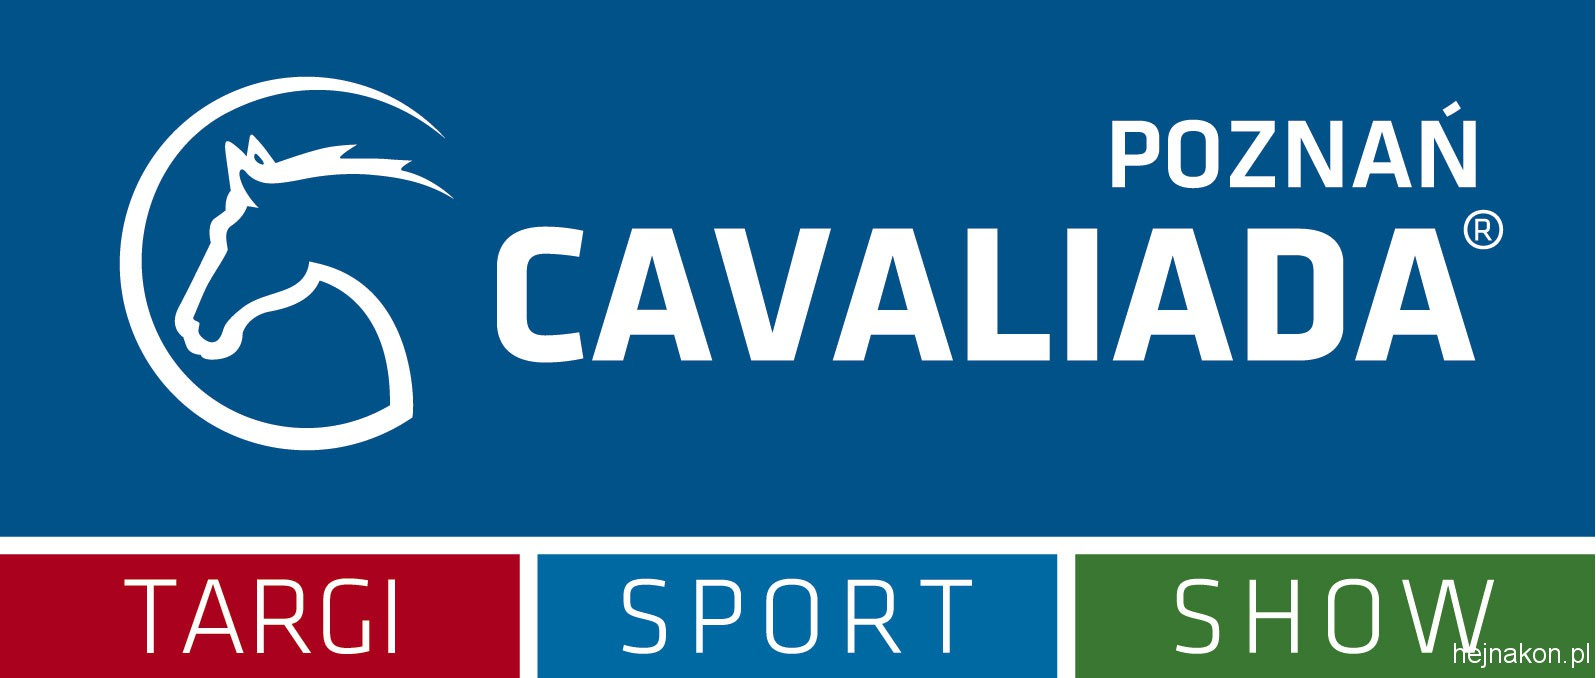 cavaliada_logo_poznan-002